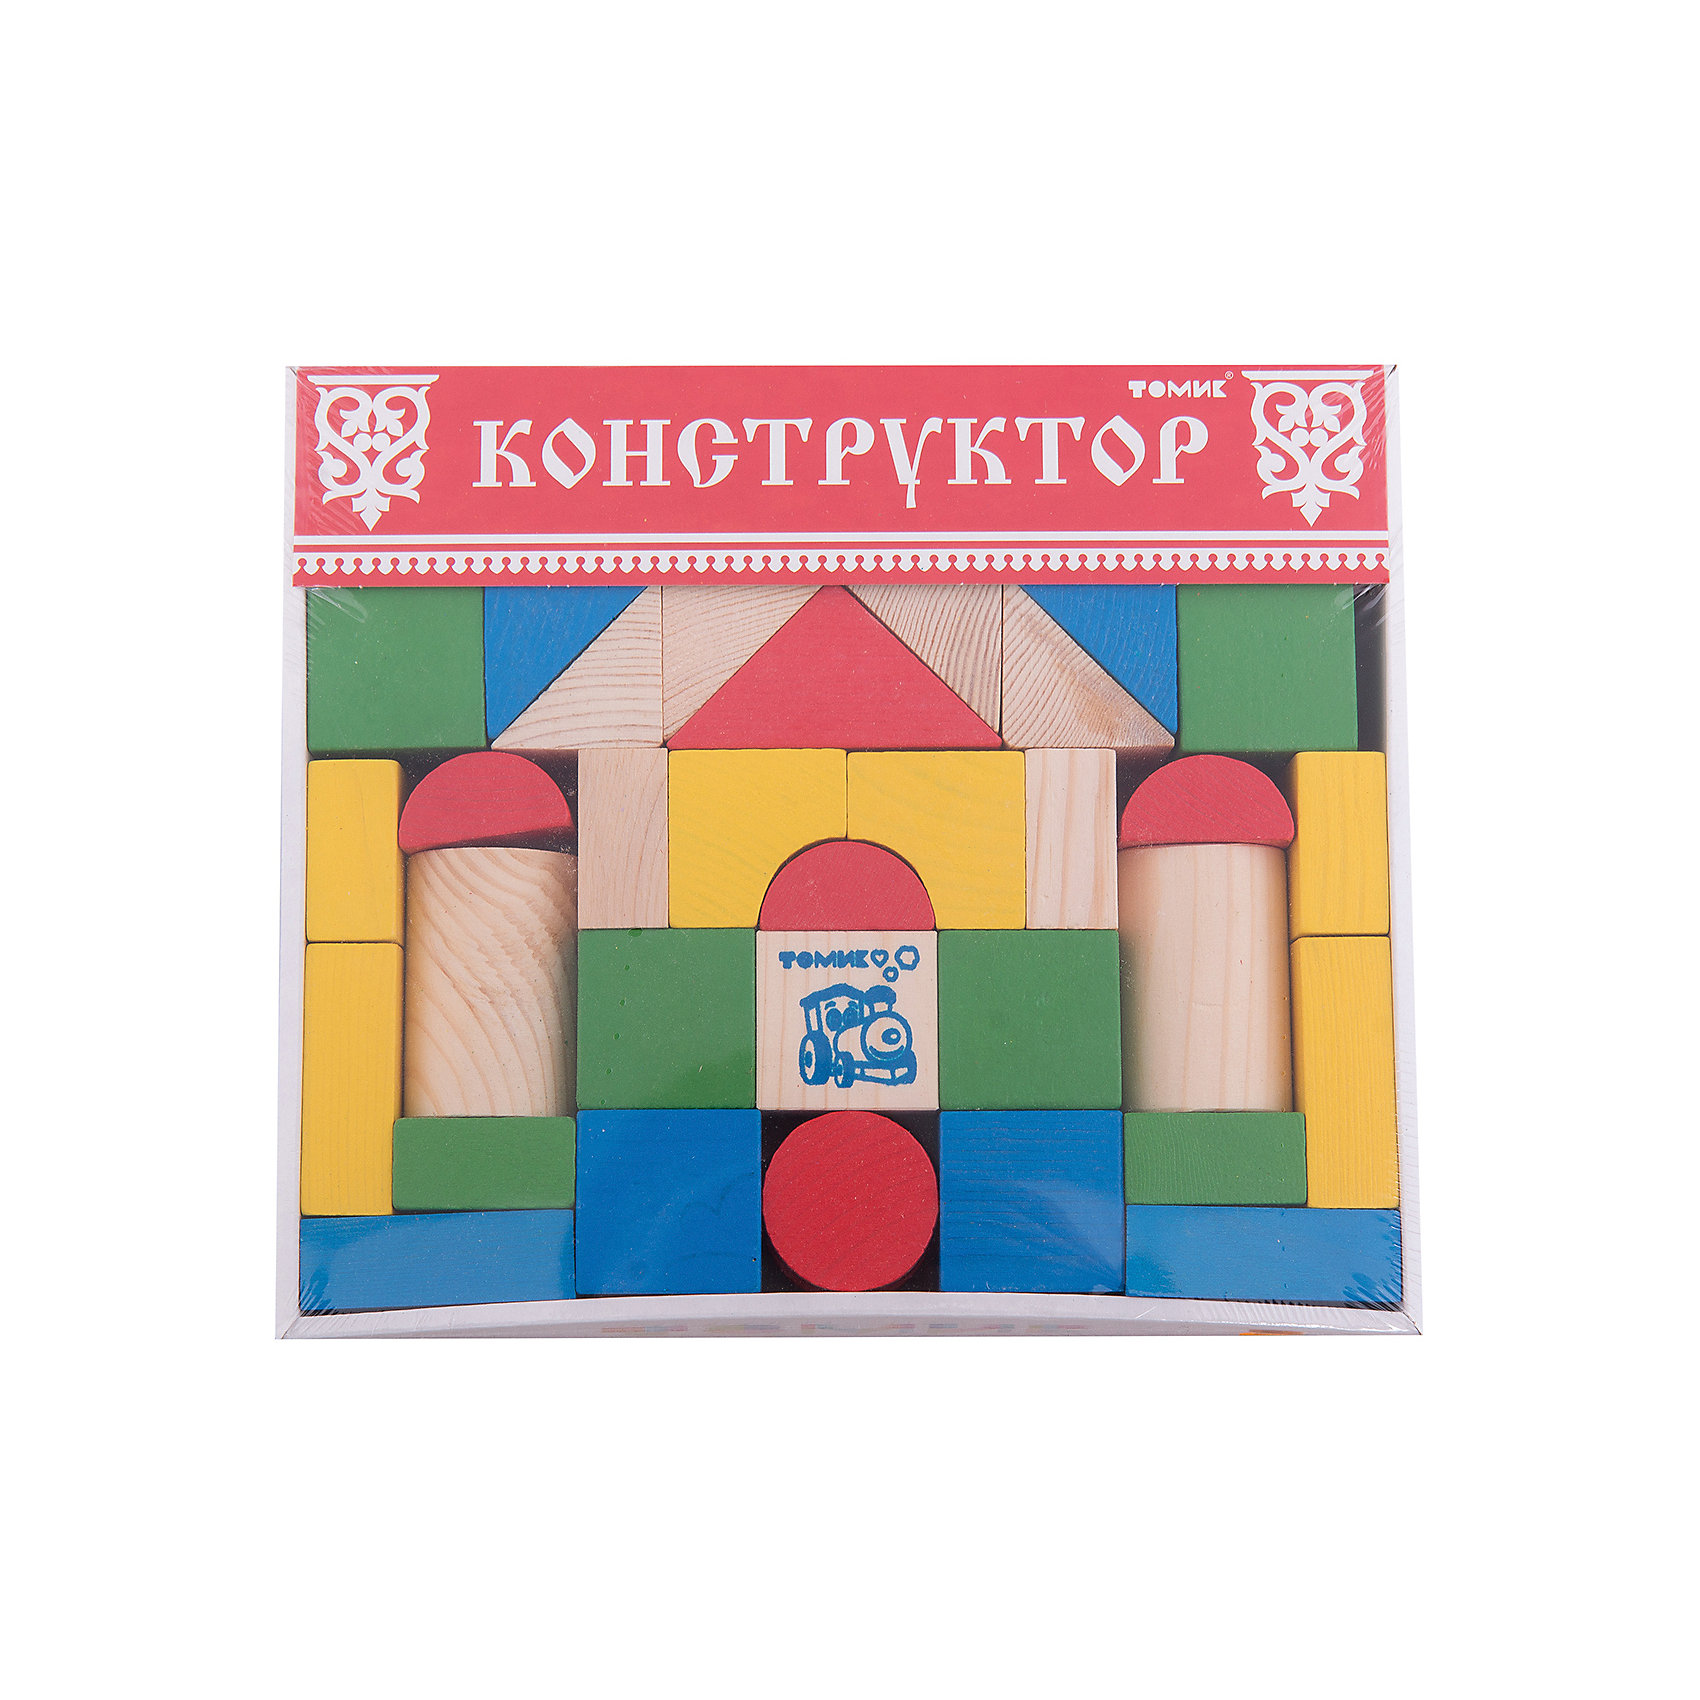 Конструктор Цветной 43 детали,ТомикДеревянные конструкторы<br>Конструктор Цветной 43 детали, Томик – это яркий конструктор для малышей из экологически чистого материала.<br>Конструктор Цветной - это игра развивающая кругозор и воображение ребенка, знакомящая его с различными формами и цветами. Ваш ребенок сможет собирать разнообразные домики, крепости или любые другие конструкции. Разноцветные детали различной формы помогают ребенку выучить называния цветов и геометрических фигур, а также понятия «больше-меньше», «выше-ниже», «шире-уже». Детали конструктора окрашены в яркие цвета — желтый, красный, зеленый, синий, белый, имеются неокрашенные детали. Благодаря крупным деталям конструктор подходит для малышей. Детали конструктора изготовлены из древесины еловых пород. Сочные яркие красочные цвета не потрескаются и не потускнеют.<br><br>Дополнительная информация:<br><br>- Конструктор включает в себя 12 видов геометрических фигур: 4 вида пластин, 2 вида треугольников, полуарки, полукруги, круги, параллелепипеды, кубы, цилиндры<br>- Количество деталей: 43<br>- Материал: дерево<br>- Упаковка: картонная коробка<br>- Размер упаковки: 25 x 22 x 4 см.<br>- Вес: 1 кг.<br><br>Конструктор Цветной 43 детали, Томик можно купить в нашем интернет-магазине.<br><br>Ширина мм: 250<br>Глубина мм: 220<br>Высота мм: 40<br>Вес г: 1000<br>Возраст от месяцев: 36<br>Возраст до месяцев: 84<br>Пол: Унисекс<br>Возраст: Детский<br>SKU: 4317163